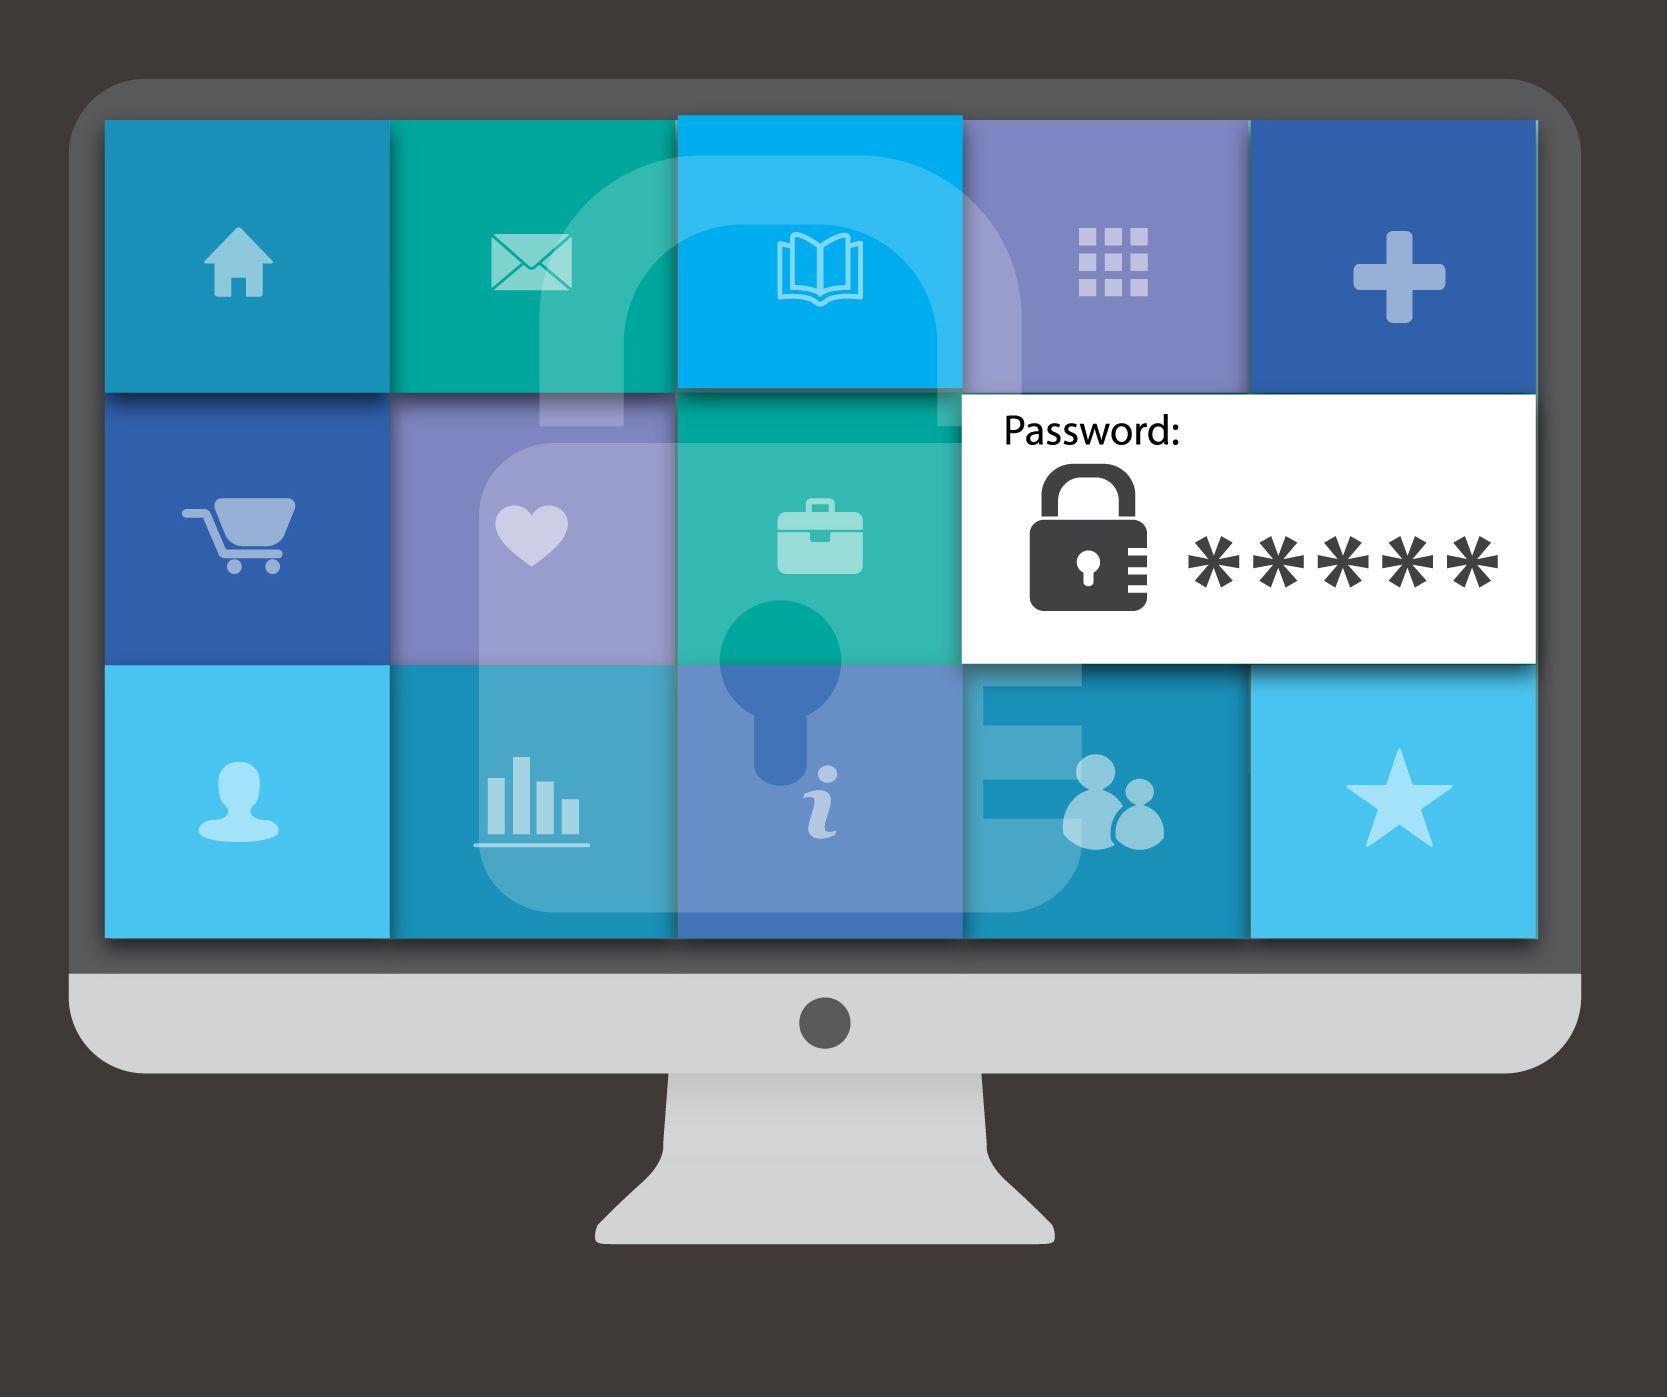 Как поменять пароль на компьютере?